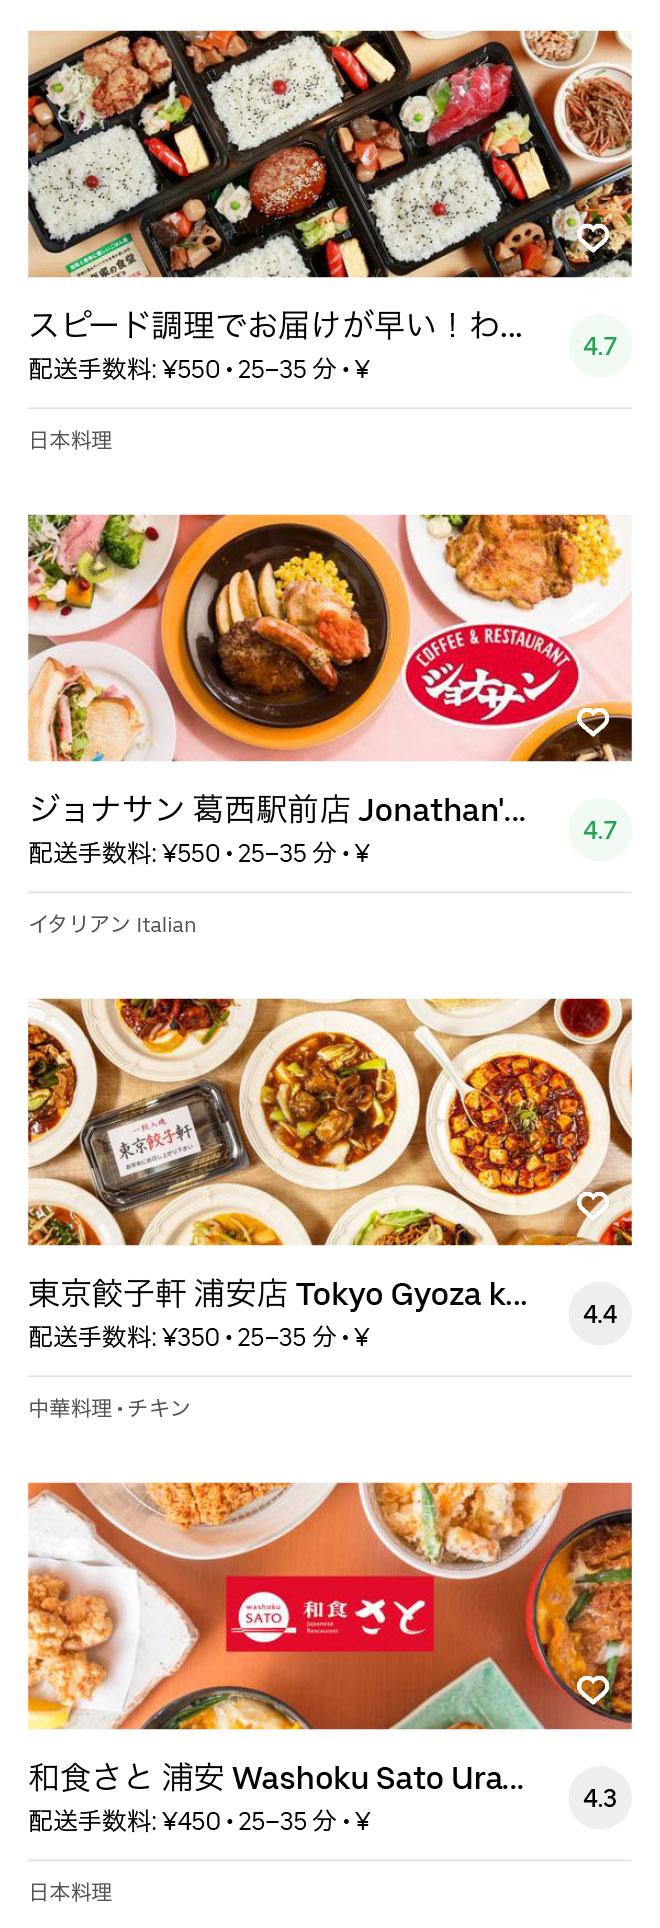 Ichikawa gyotoku menu 2004 11